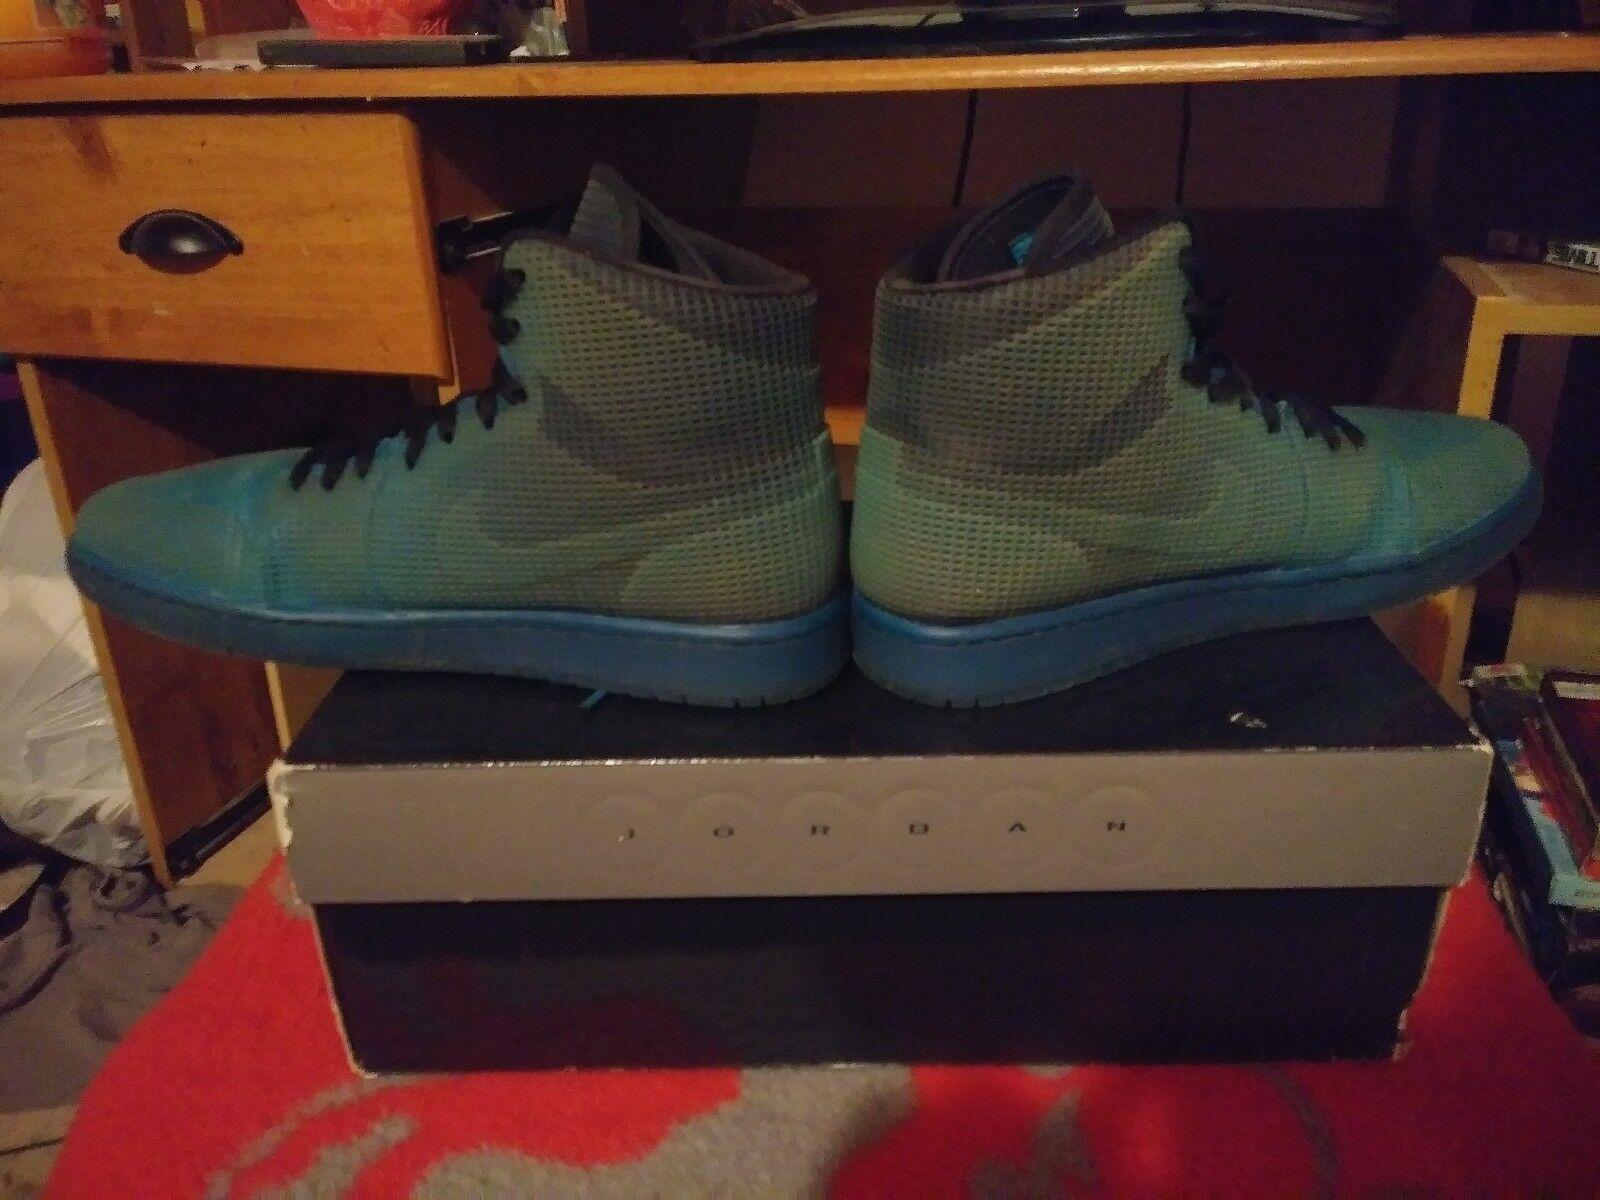 Nike Air Jordan Retro High Tropical Teal Mens 10 Jordan 1 2 3 4 5 6 7 8 9 10 11